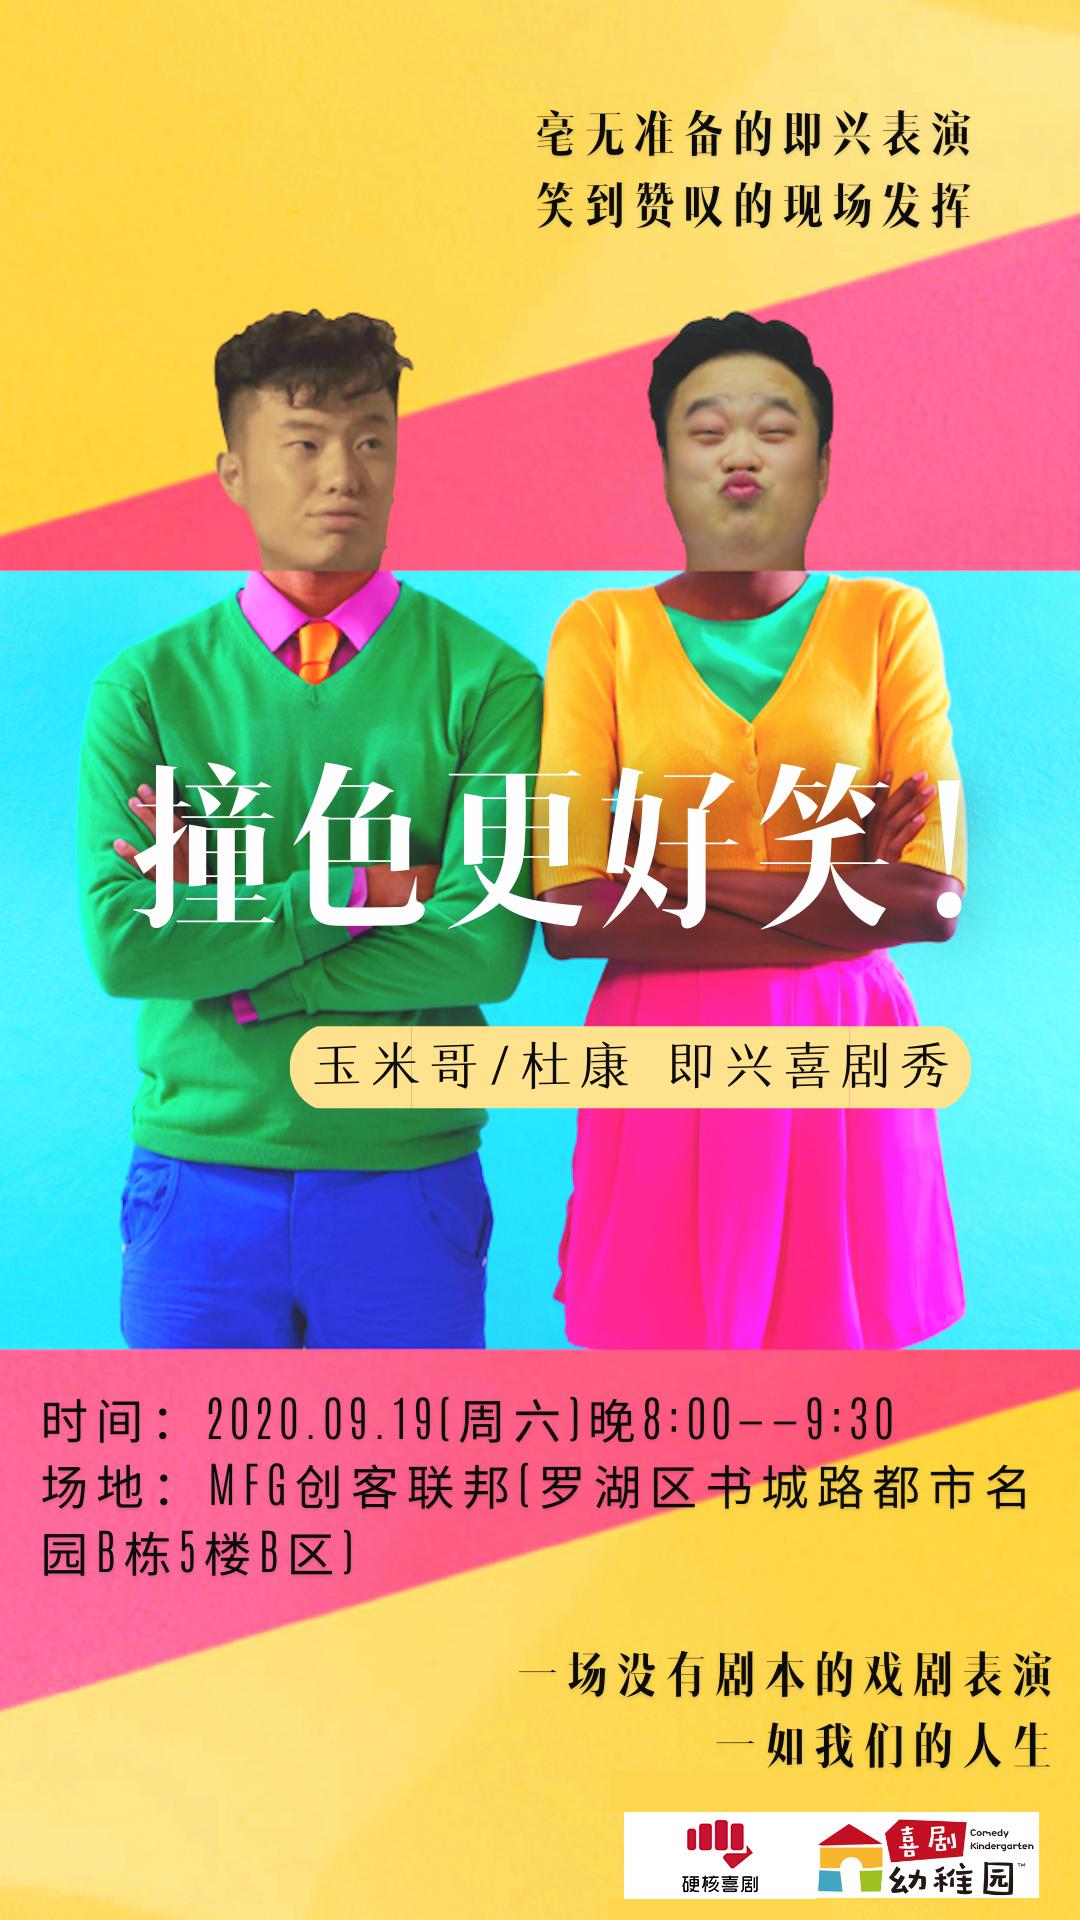 喜剧秀《撞色更好笑》深圳站